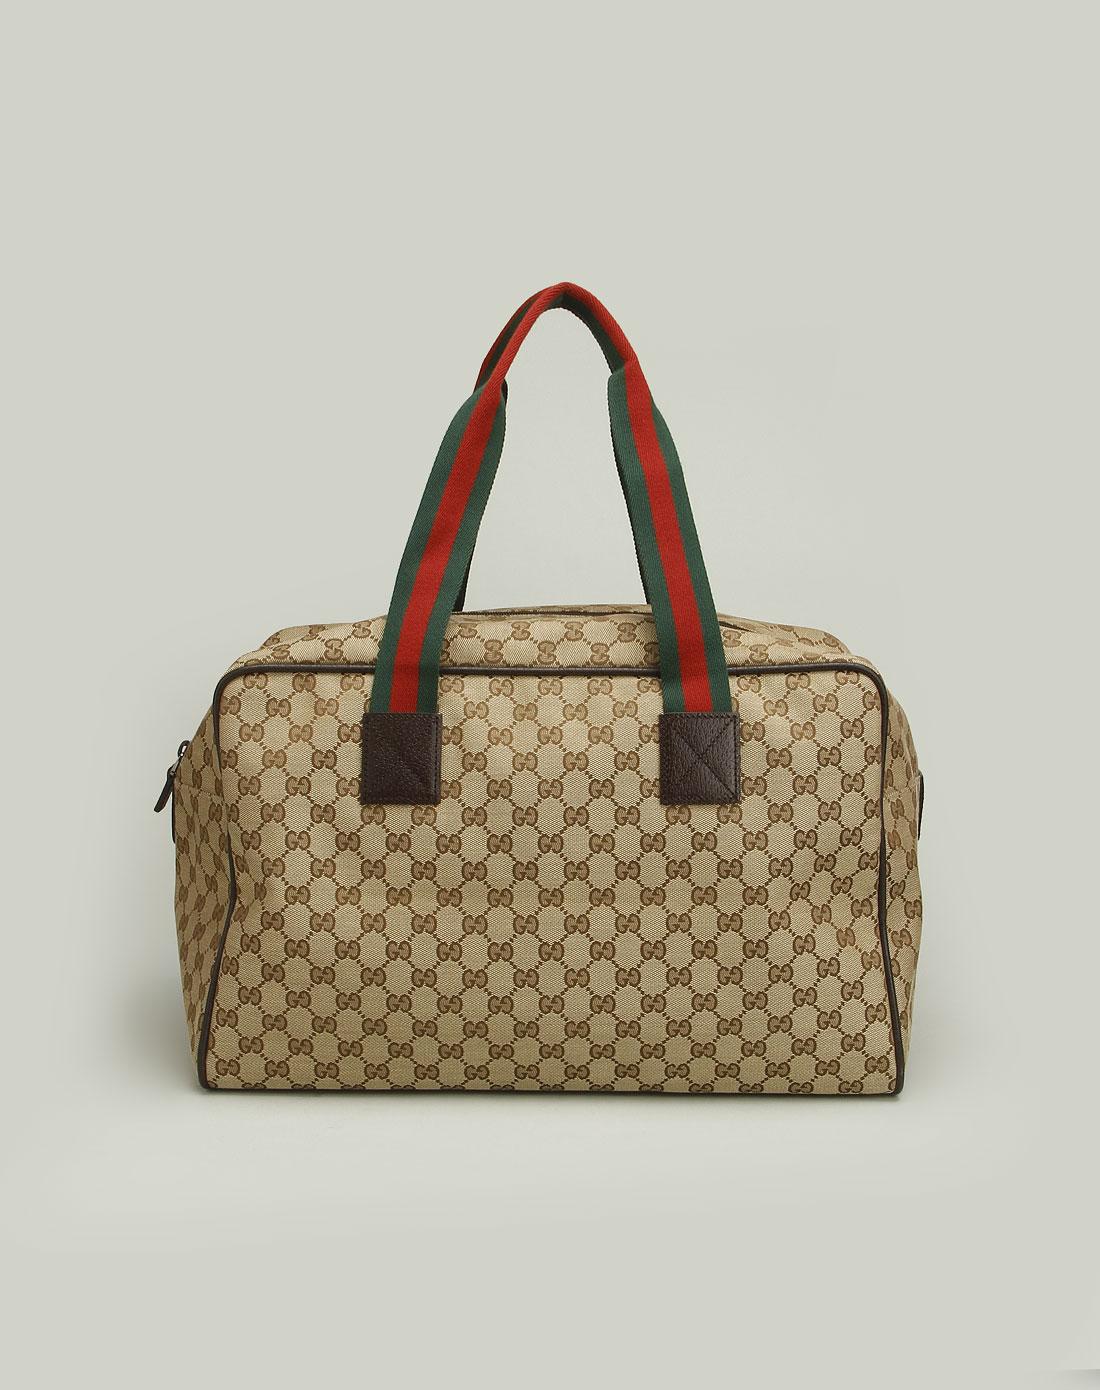 织布时尚手提包